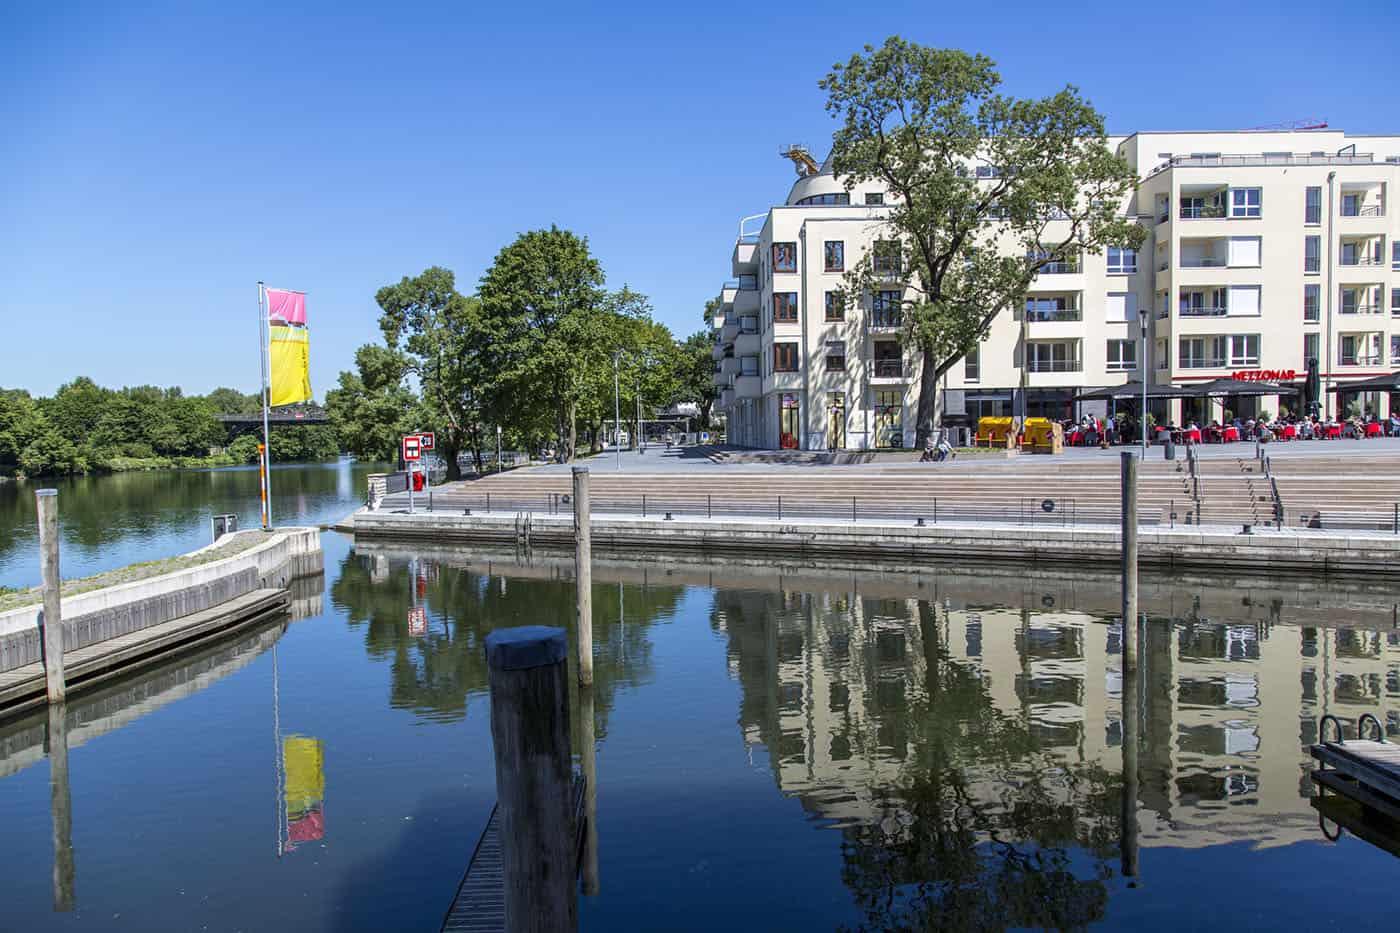 """Mülheim an der Ruhr, Stadtentwicklungsprojekt """"Ruhrbania"""" in der Innenstadt Hafen, Gastronimie,Wohn- und Geschäftsbebauung an der Ruhr"""